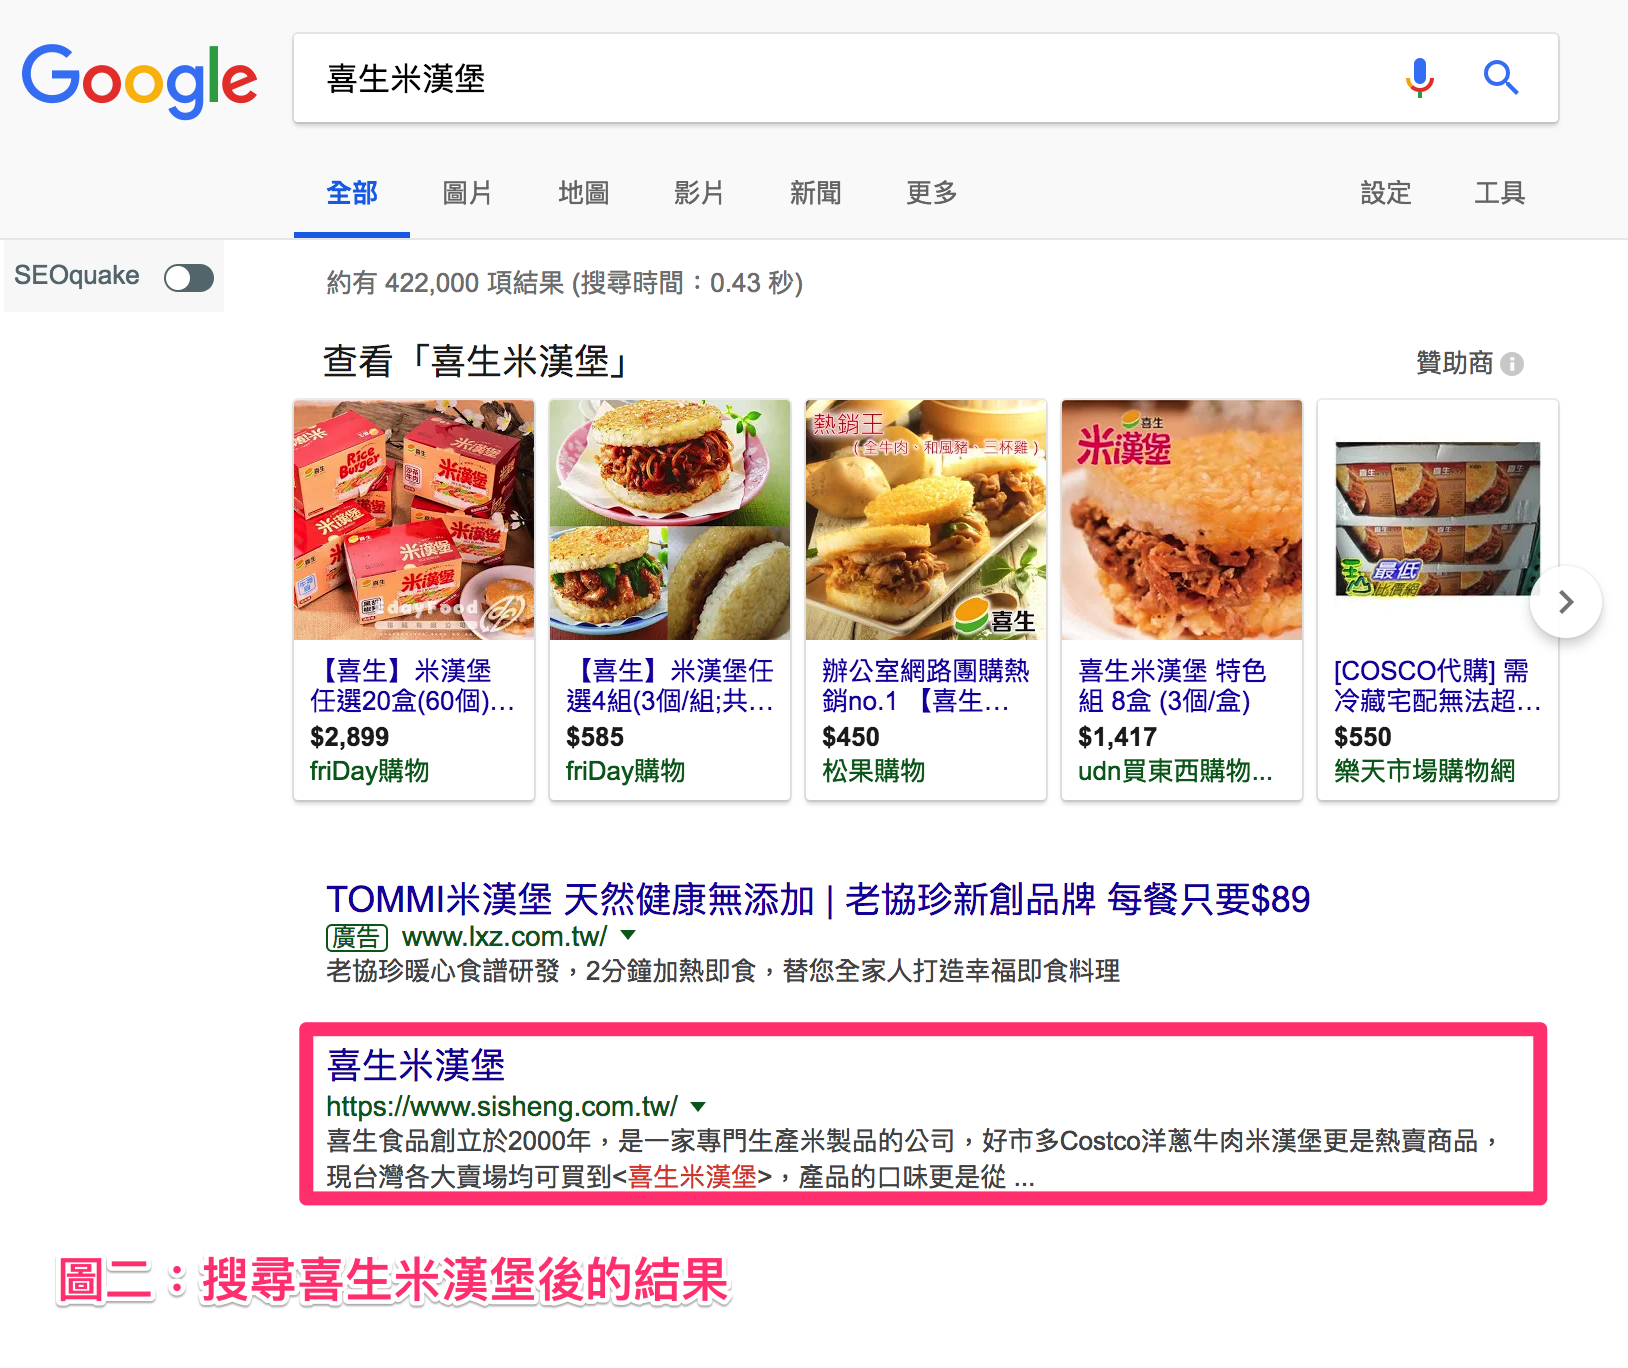 關鍵字廣告:關鍵字搜尋喜生米漢堡的結果